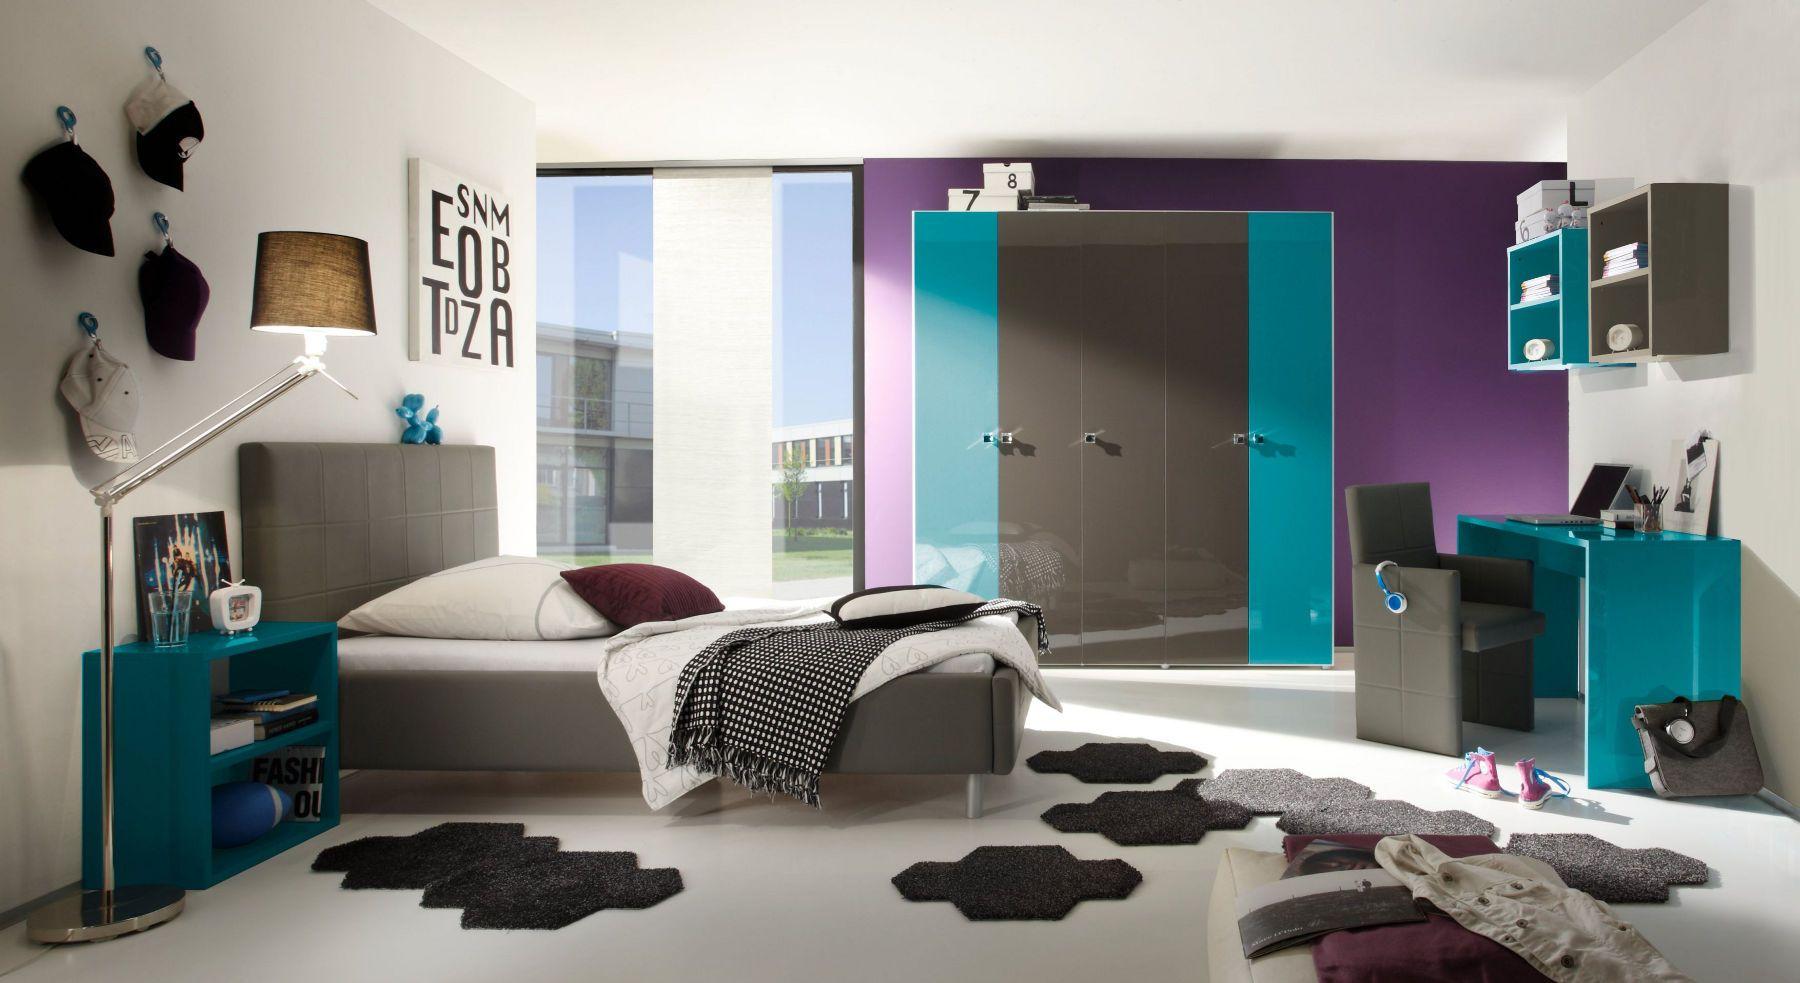 Schlafzimmer Italien ~ Schlafzimmer jugendzimmer anthrazit türkis hochglanz lack